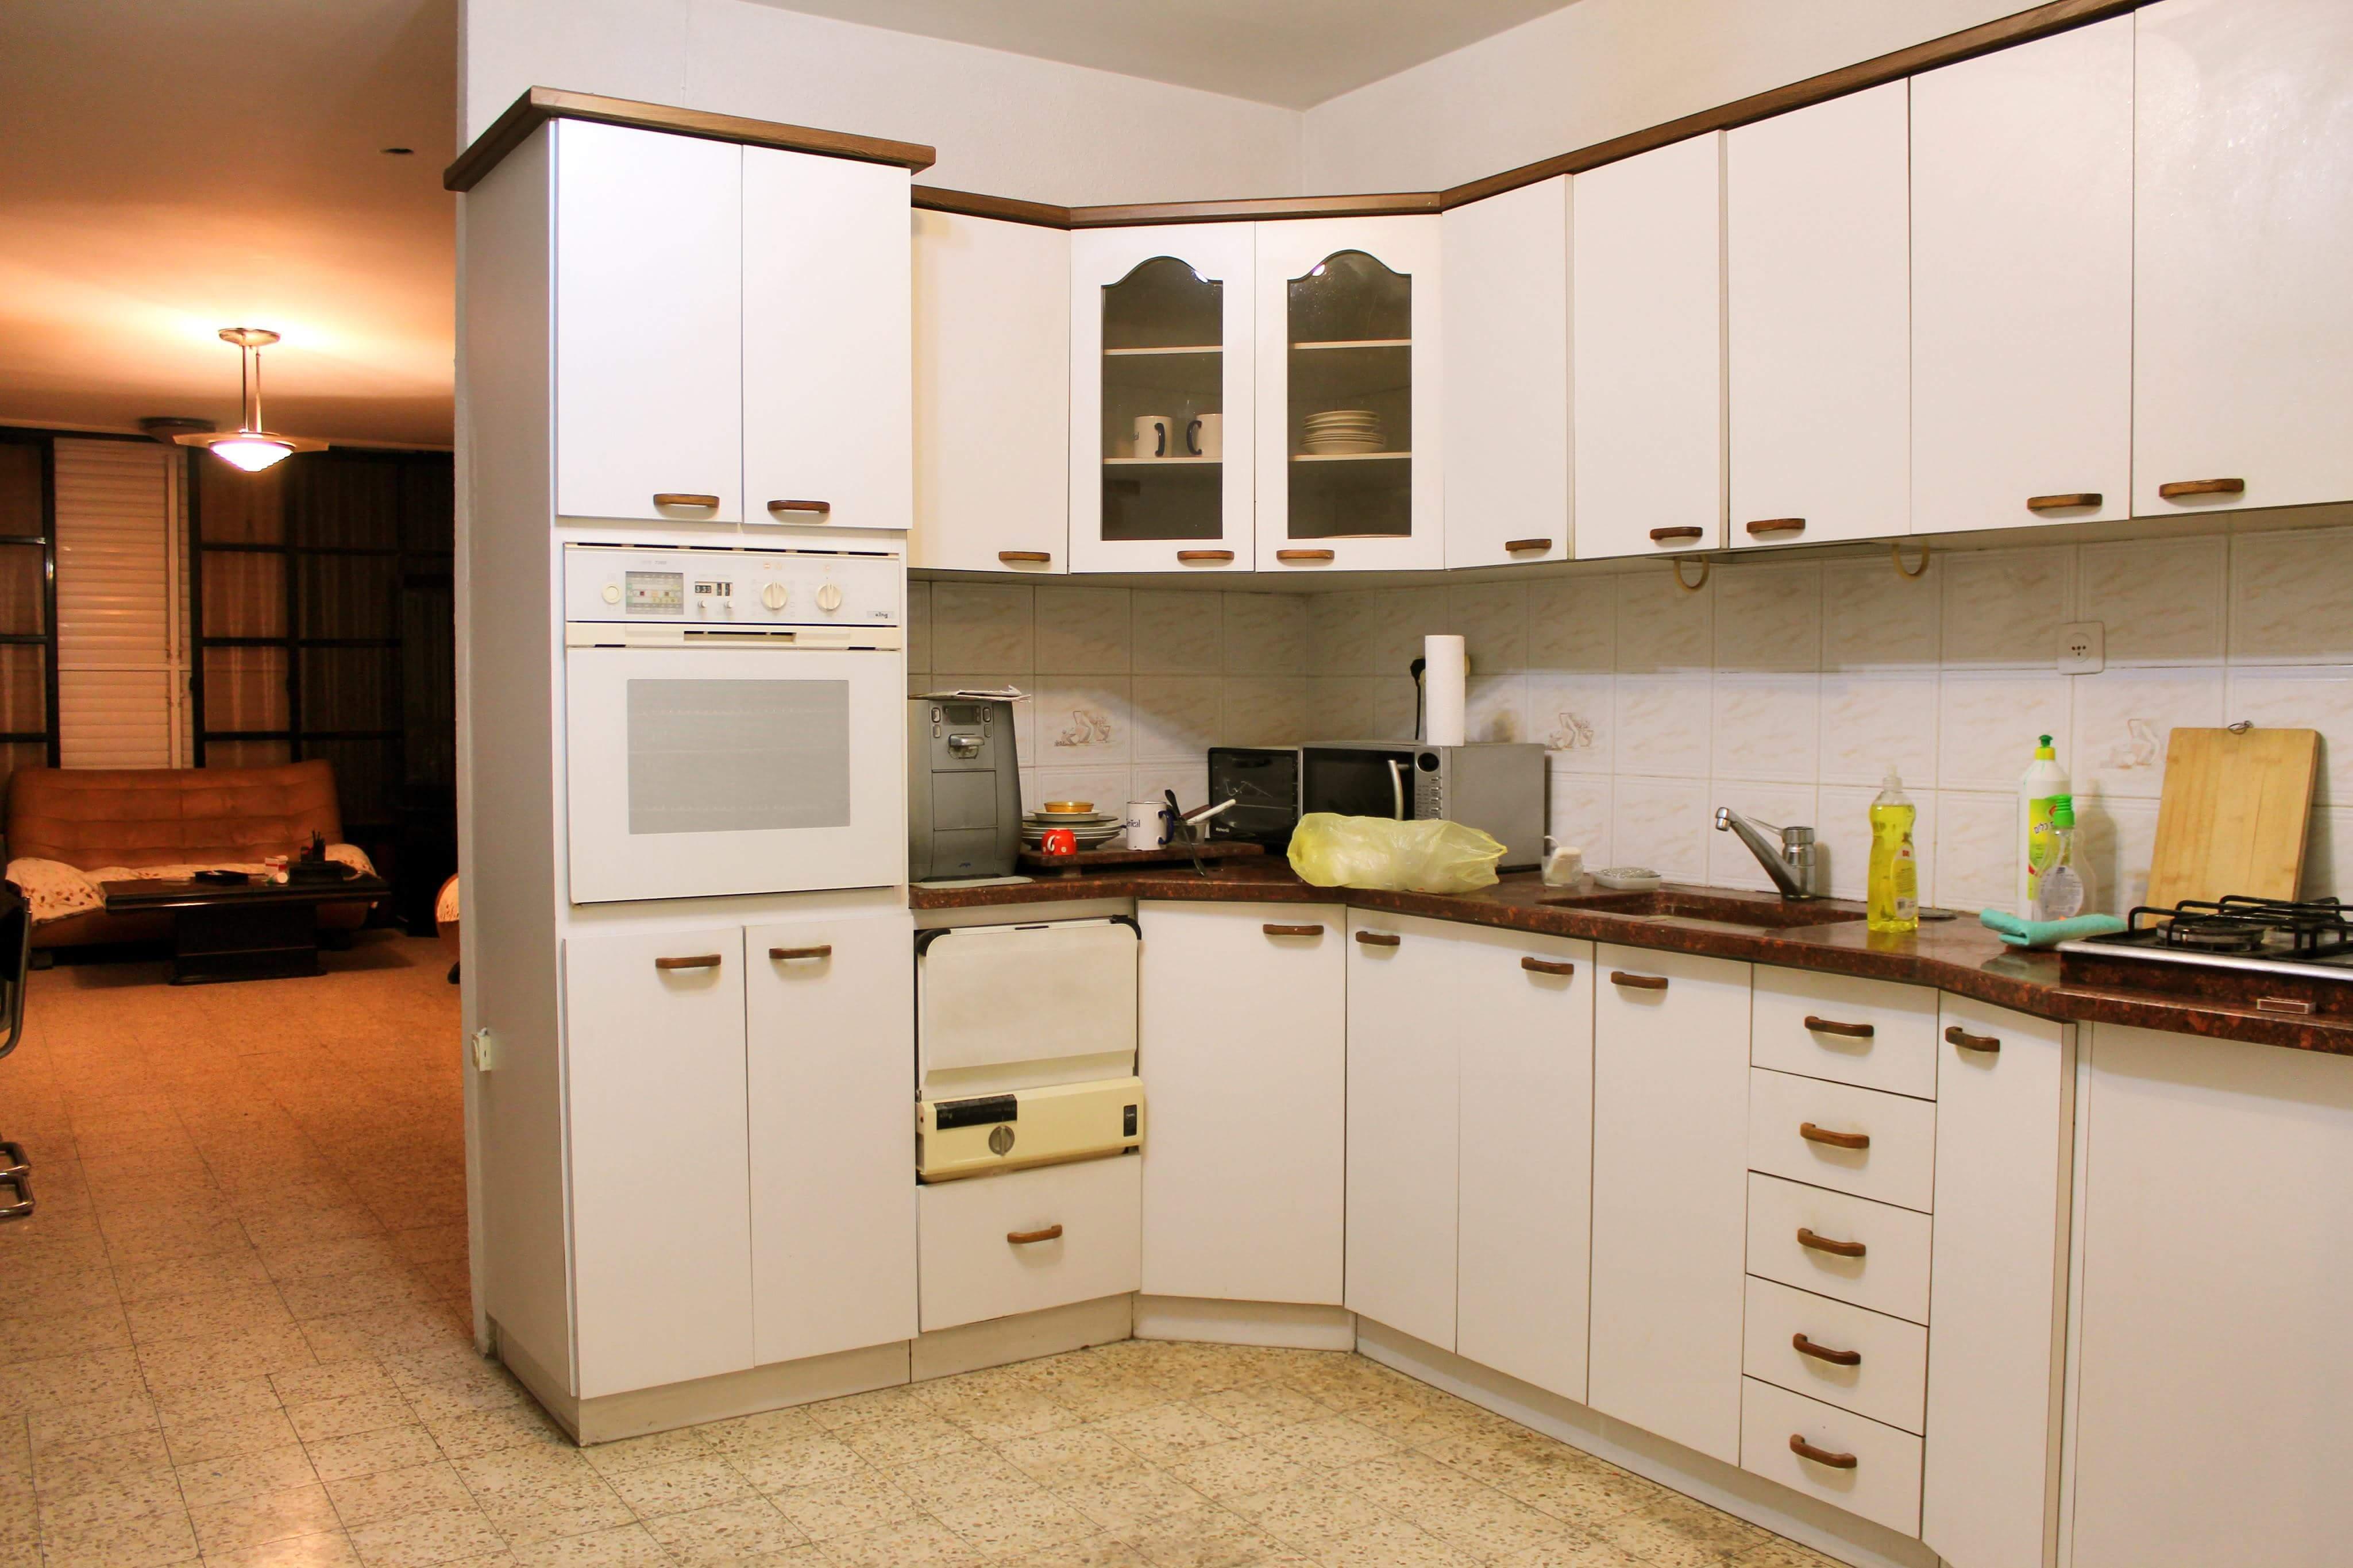 דירת 3 חדרים בהסתדרות3